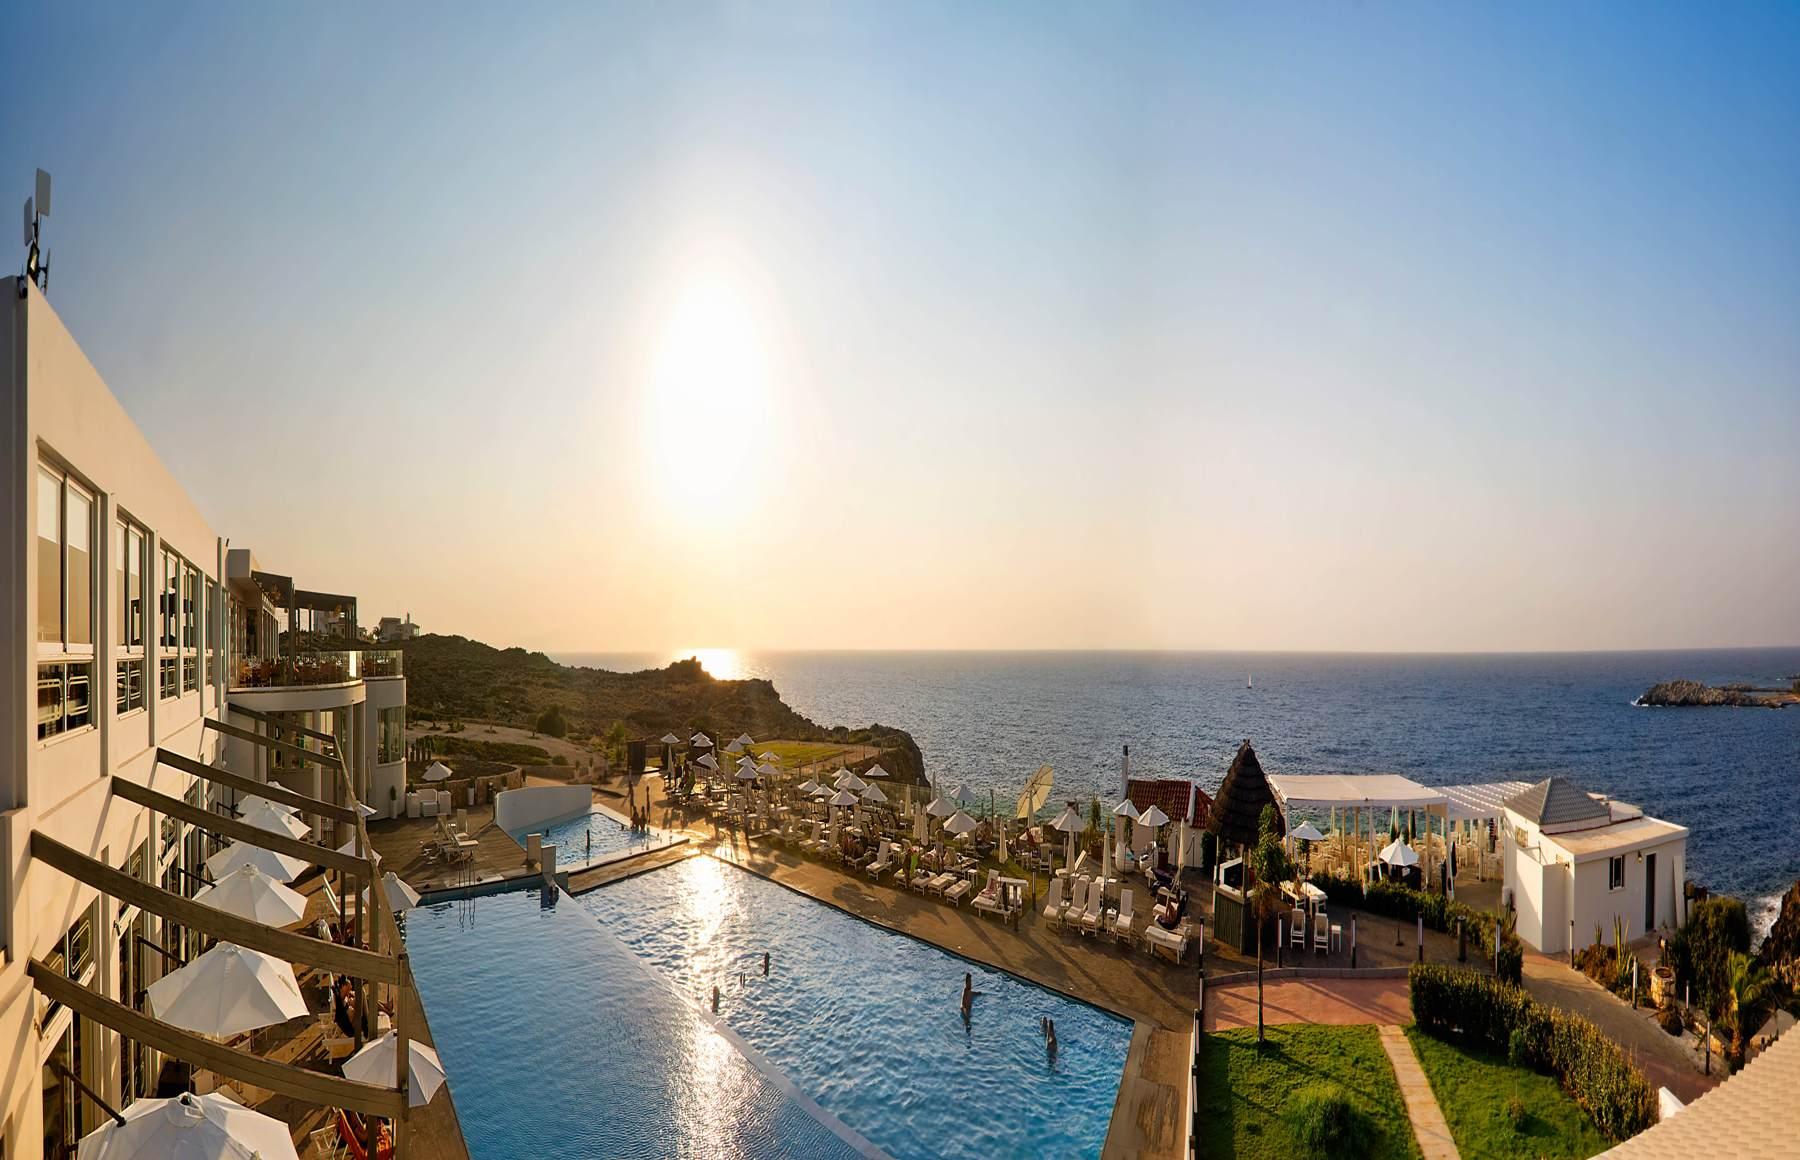 Έναρξη μιας νέας συνεργασίας της «Chnaris Hotel Management, Development & Consulting S.A.» με το ξενοδοχείο «CHC Cretan Pearl Resort & Spa»